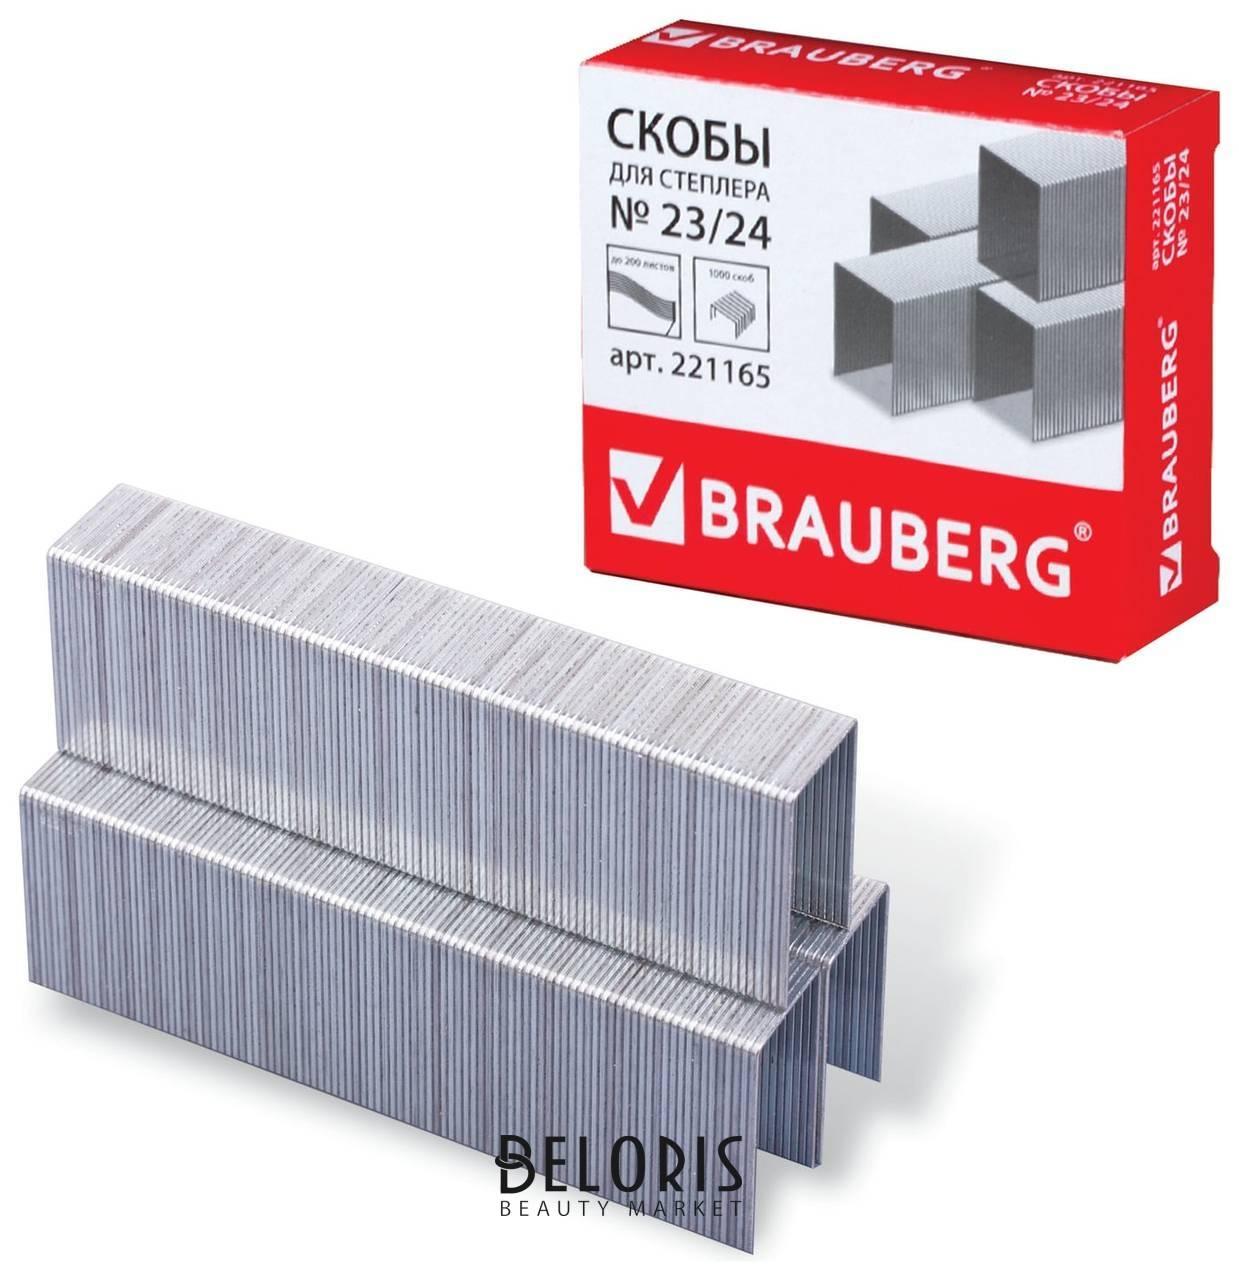 Скобы для степлера №23/24, 1000 штук, сверхпрочные, до 200 листов, Brauberg Brauberg